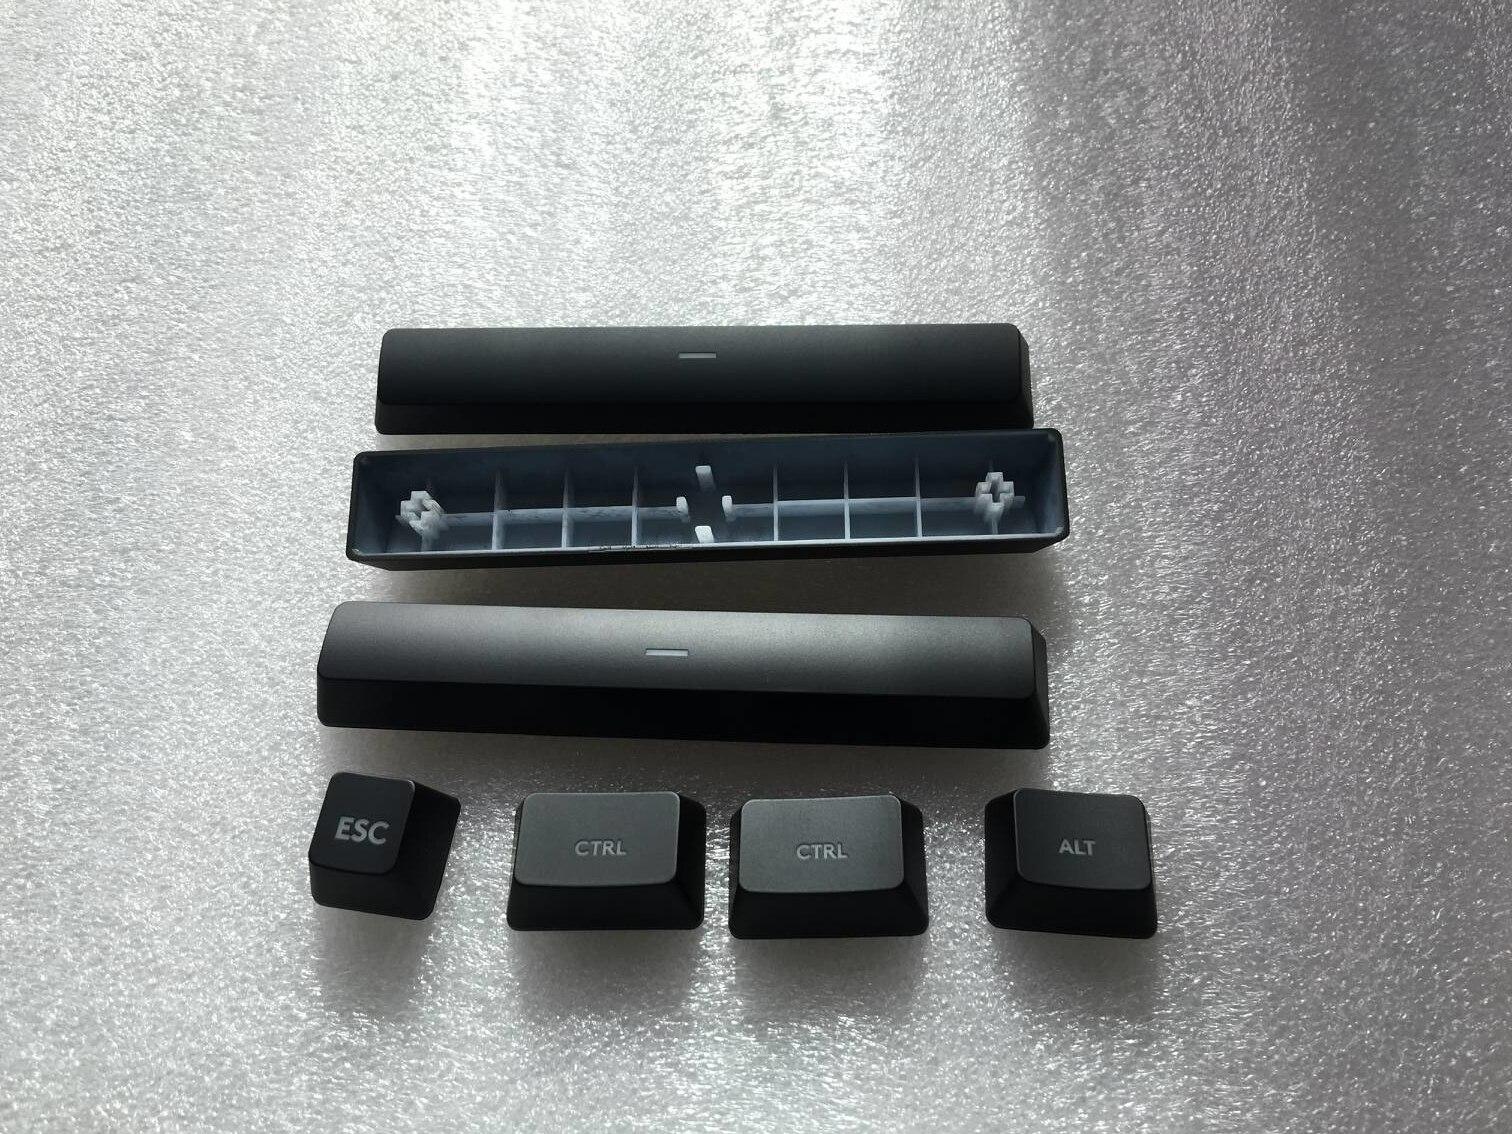 1 Pieza Original Ces Ctrl Alt Espacio Clave Tapa Para Logitech G413 Teclado También Tiene Soporte En Stock